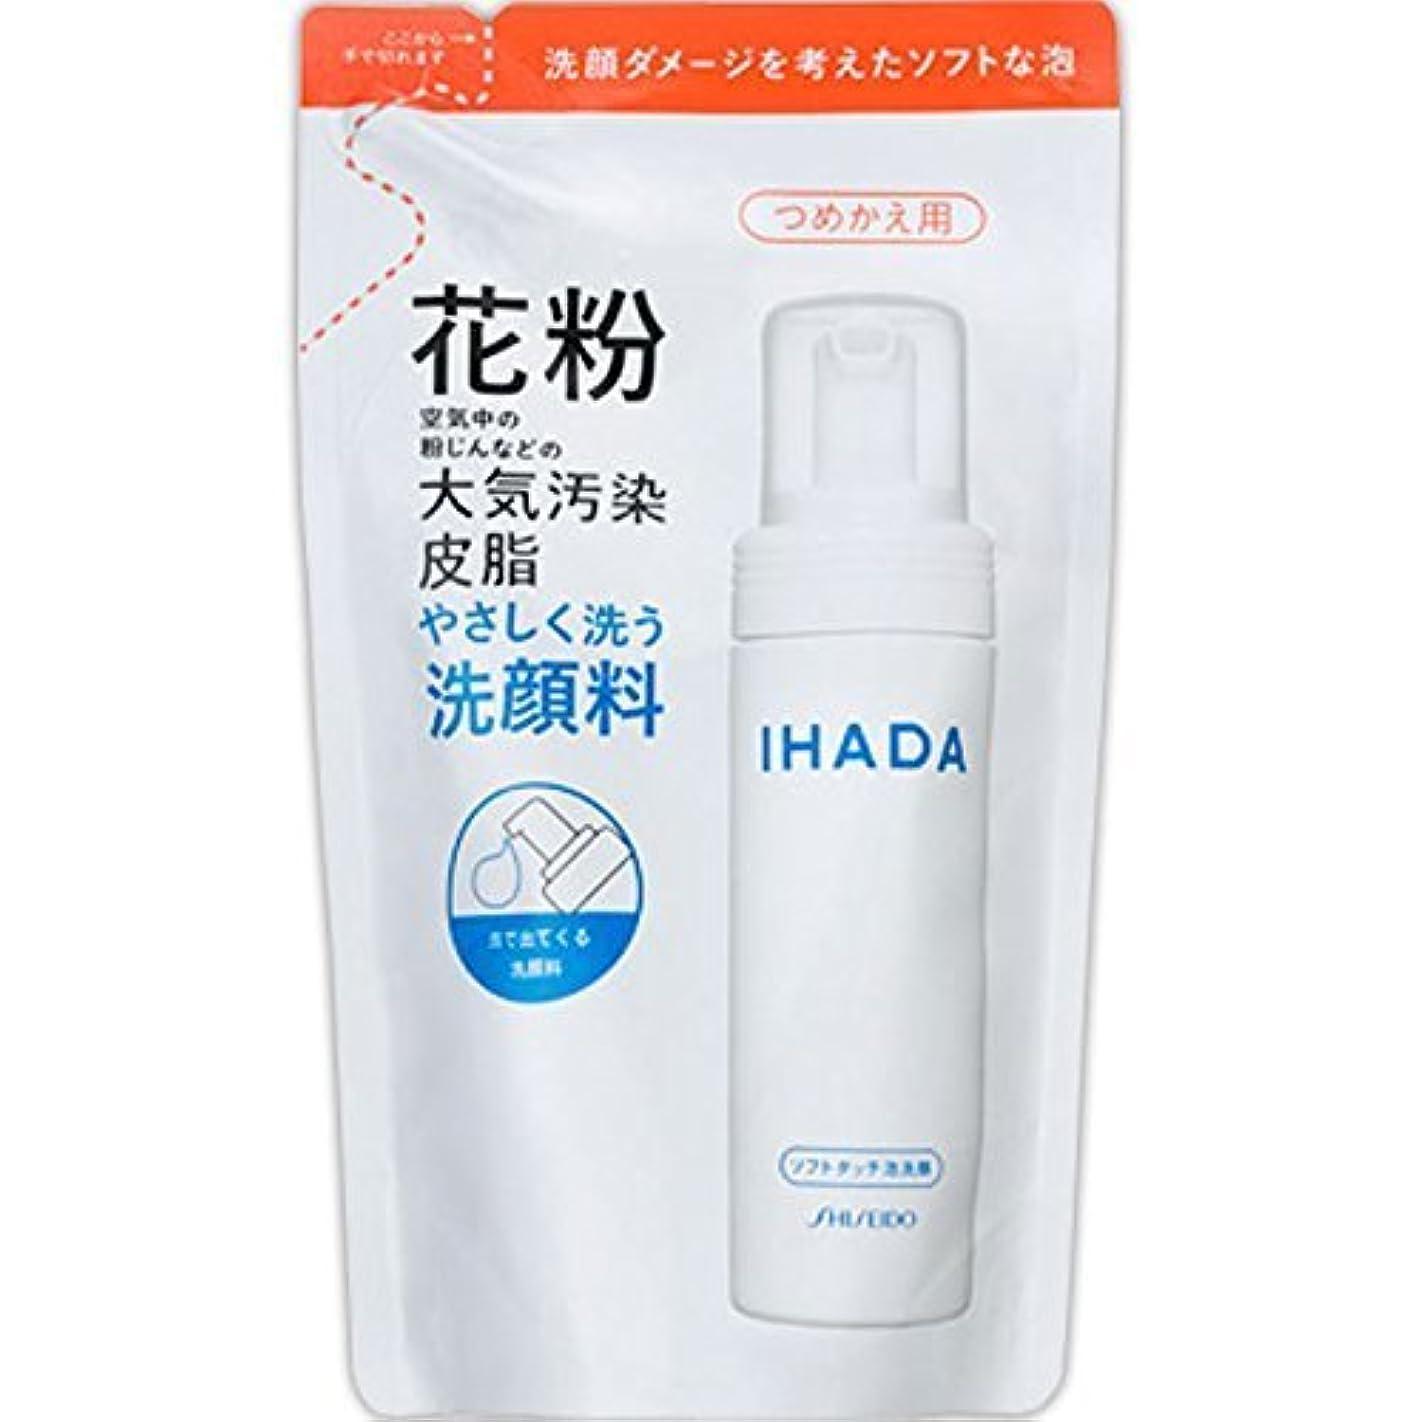 医療の日没実業家イハダ ソフトタッチ 洗顔料 つめかえ用 100ml